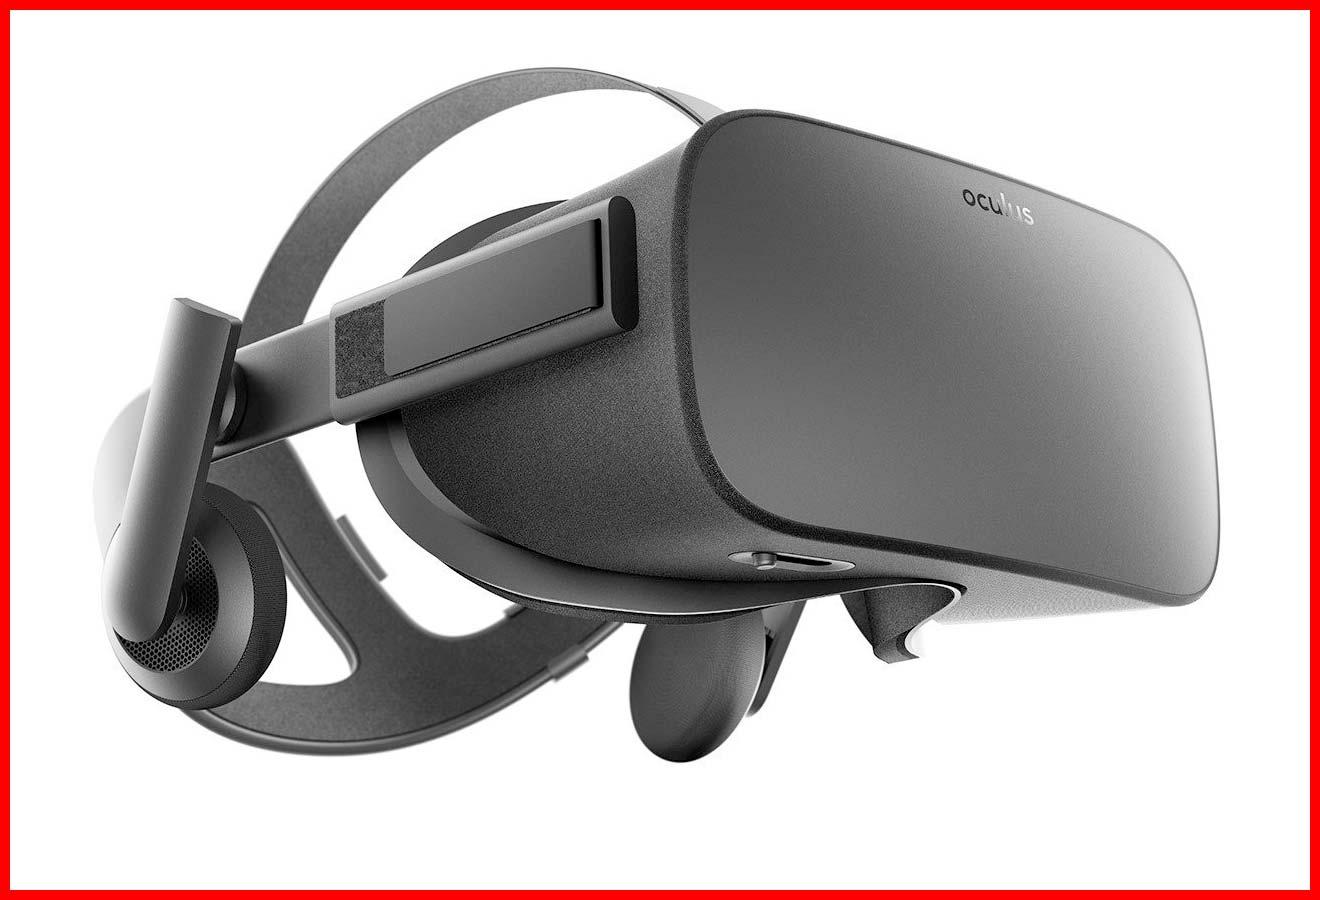 82a6cc885997b3 Wie funktioniert eine VR-Brille